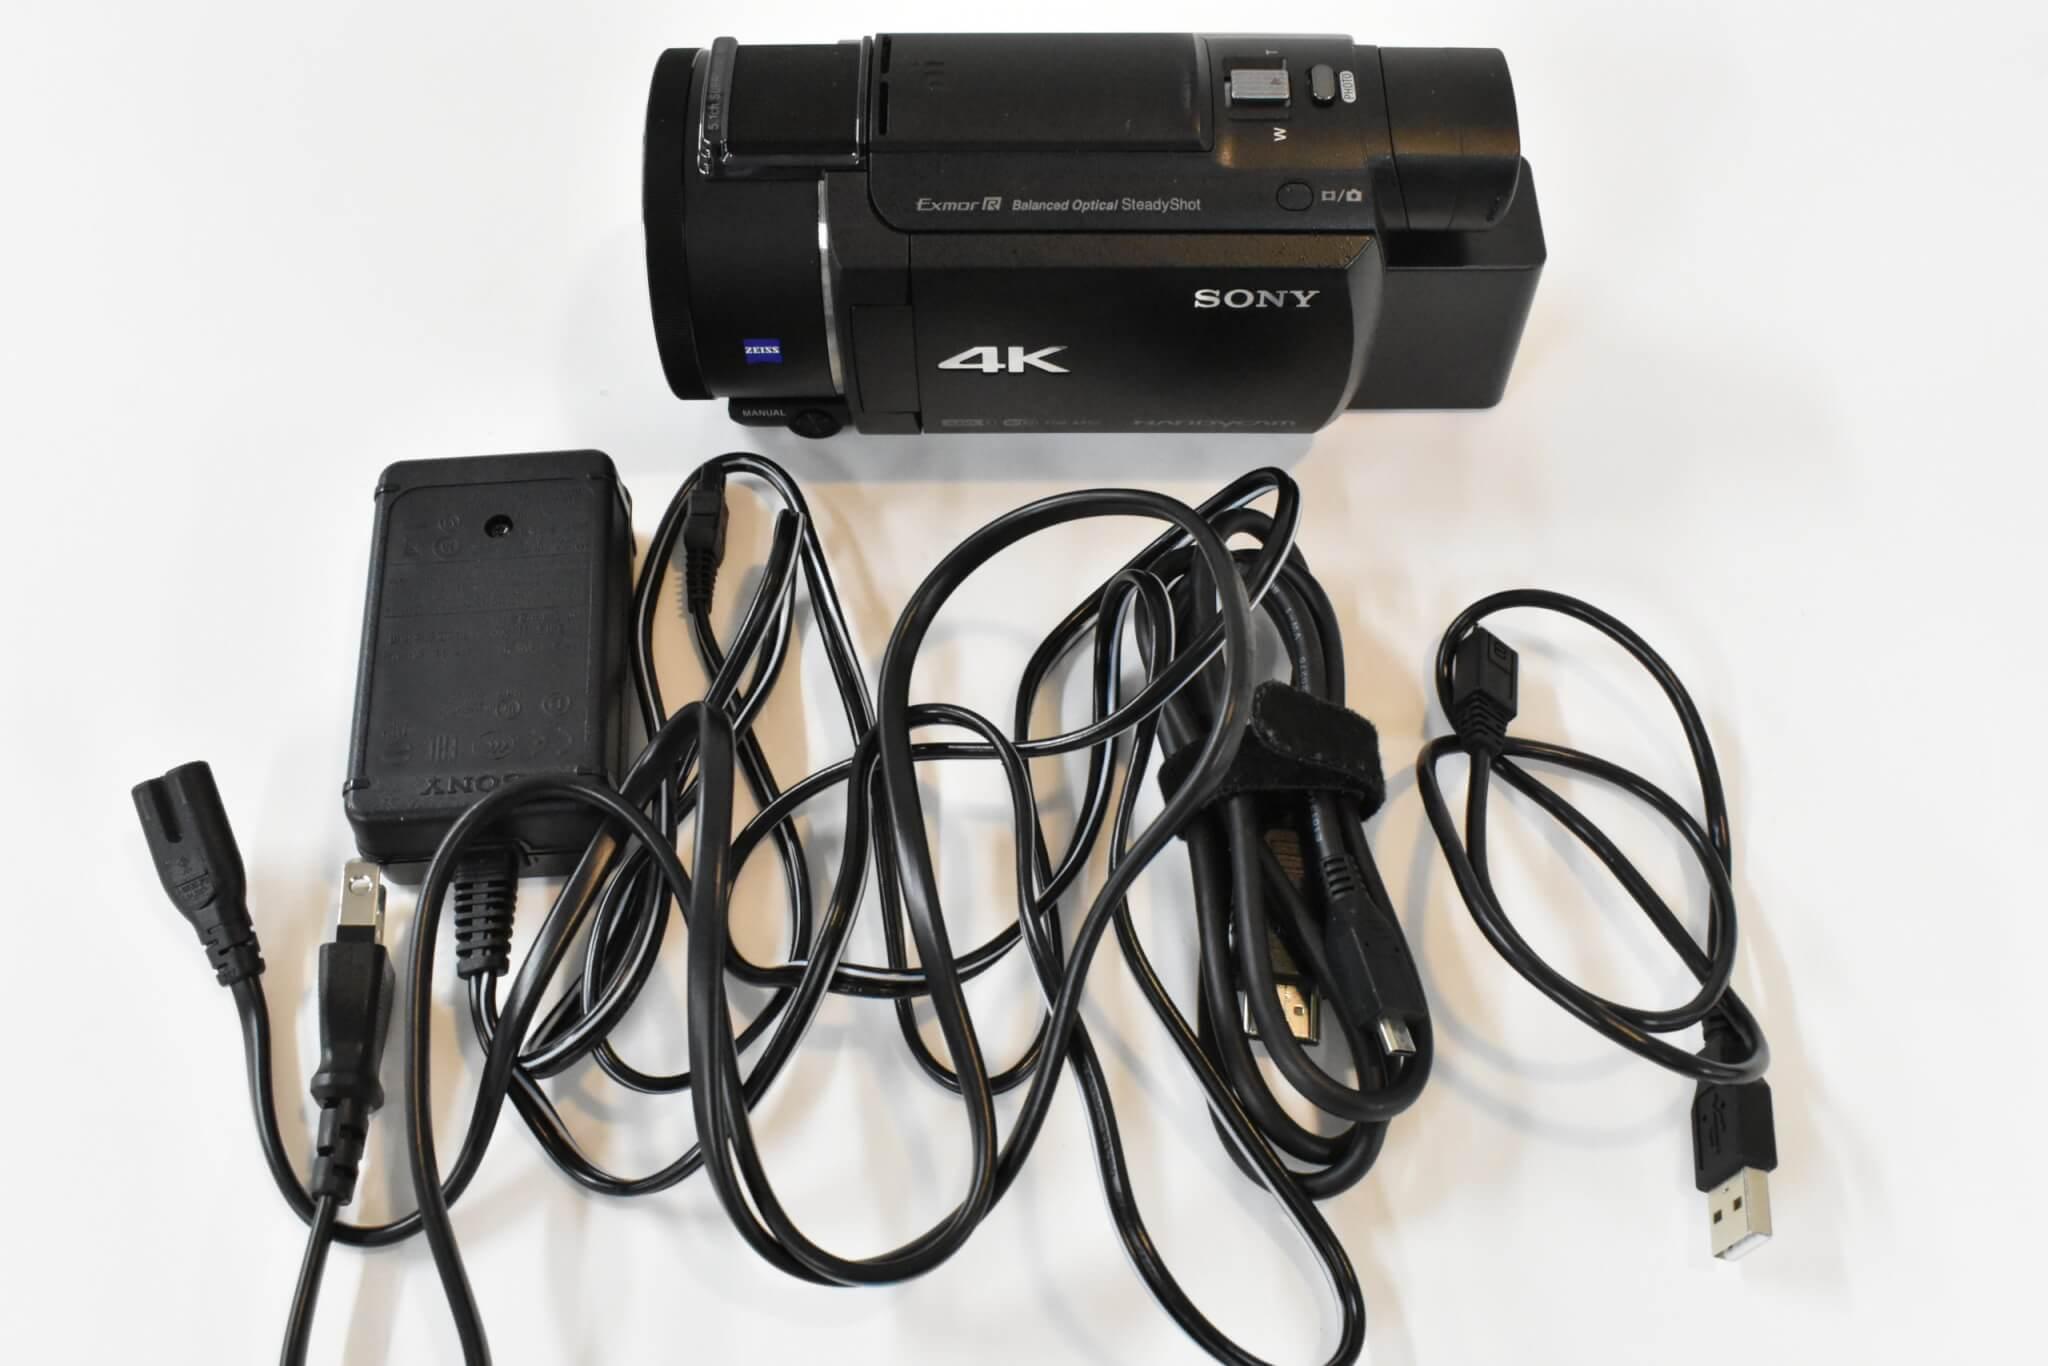 SONYハンディカム 最新全7機種を写真付きで紹介 FDR-AX60